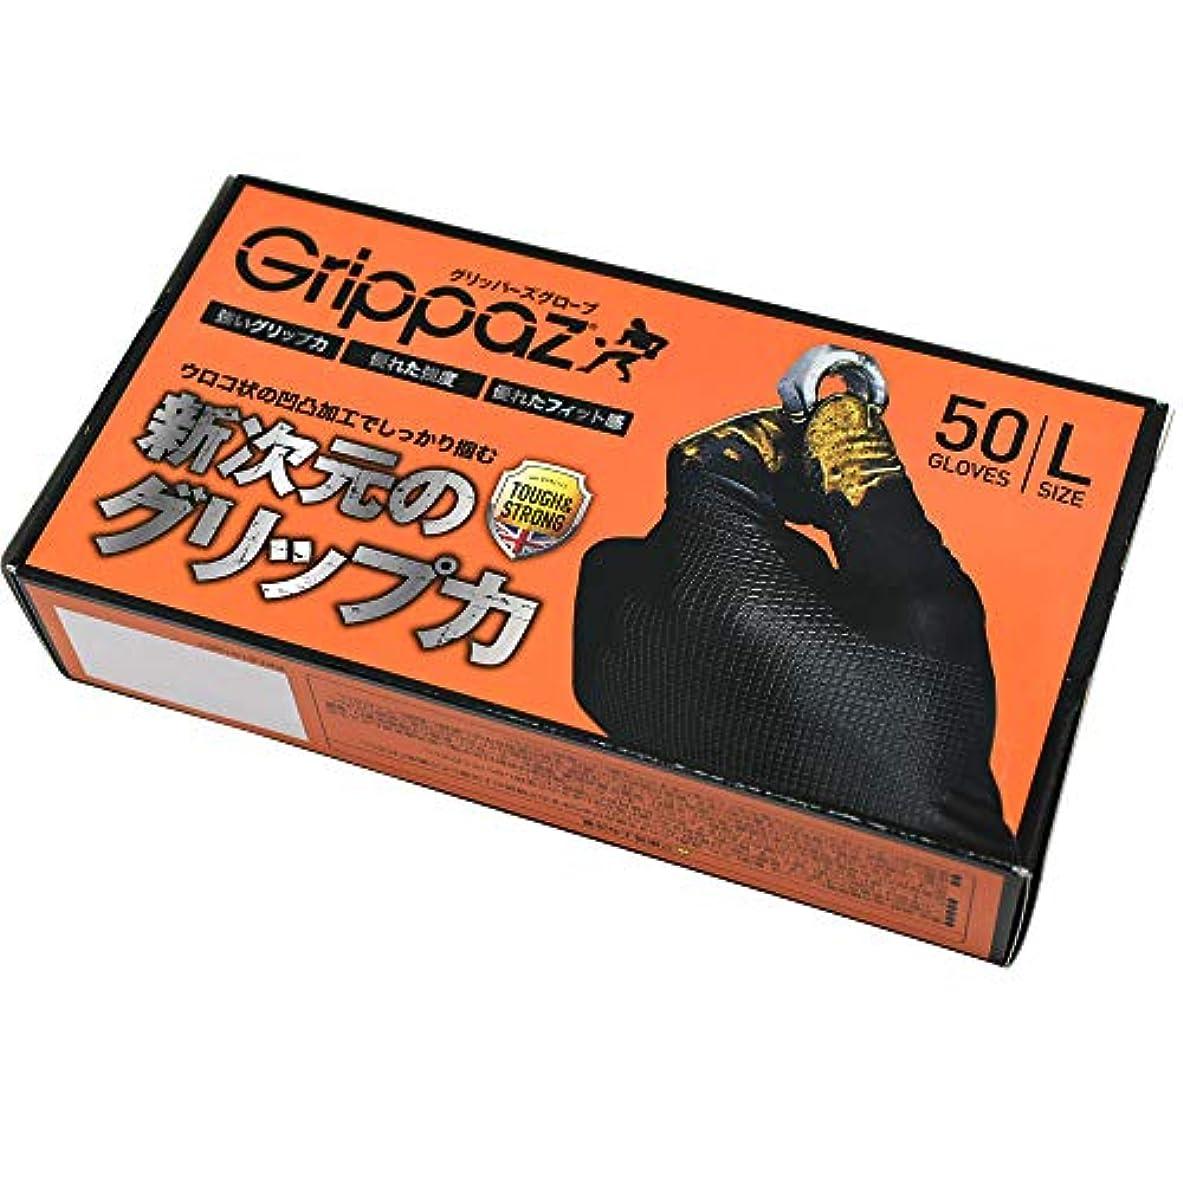 ビルダードメインワイド原田産業 ニトリル手袋 グリッパーズグローブ 50枚入 Lサイズ パウダーフリー 左右兼用 自動車整備 メンテナンス